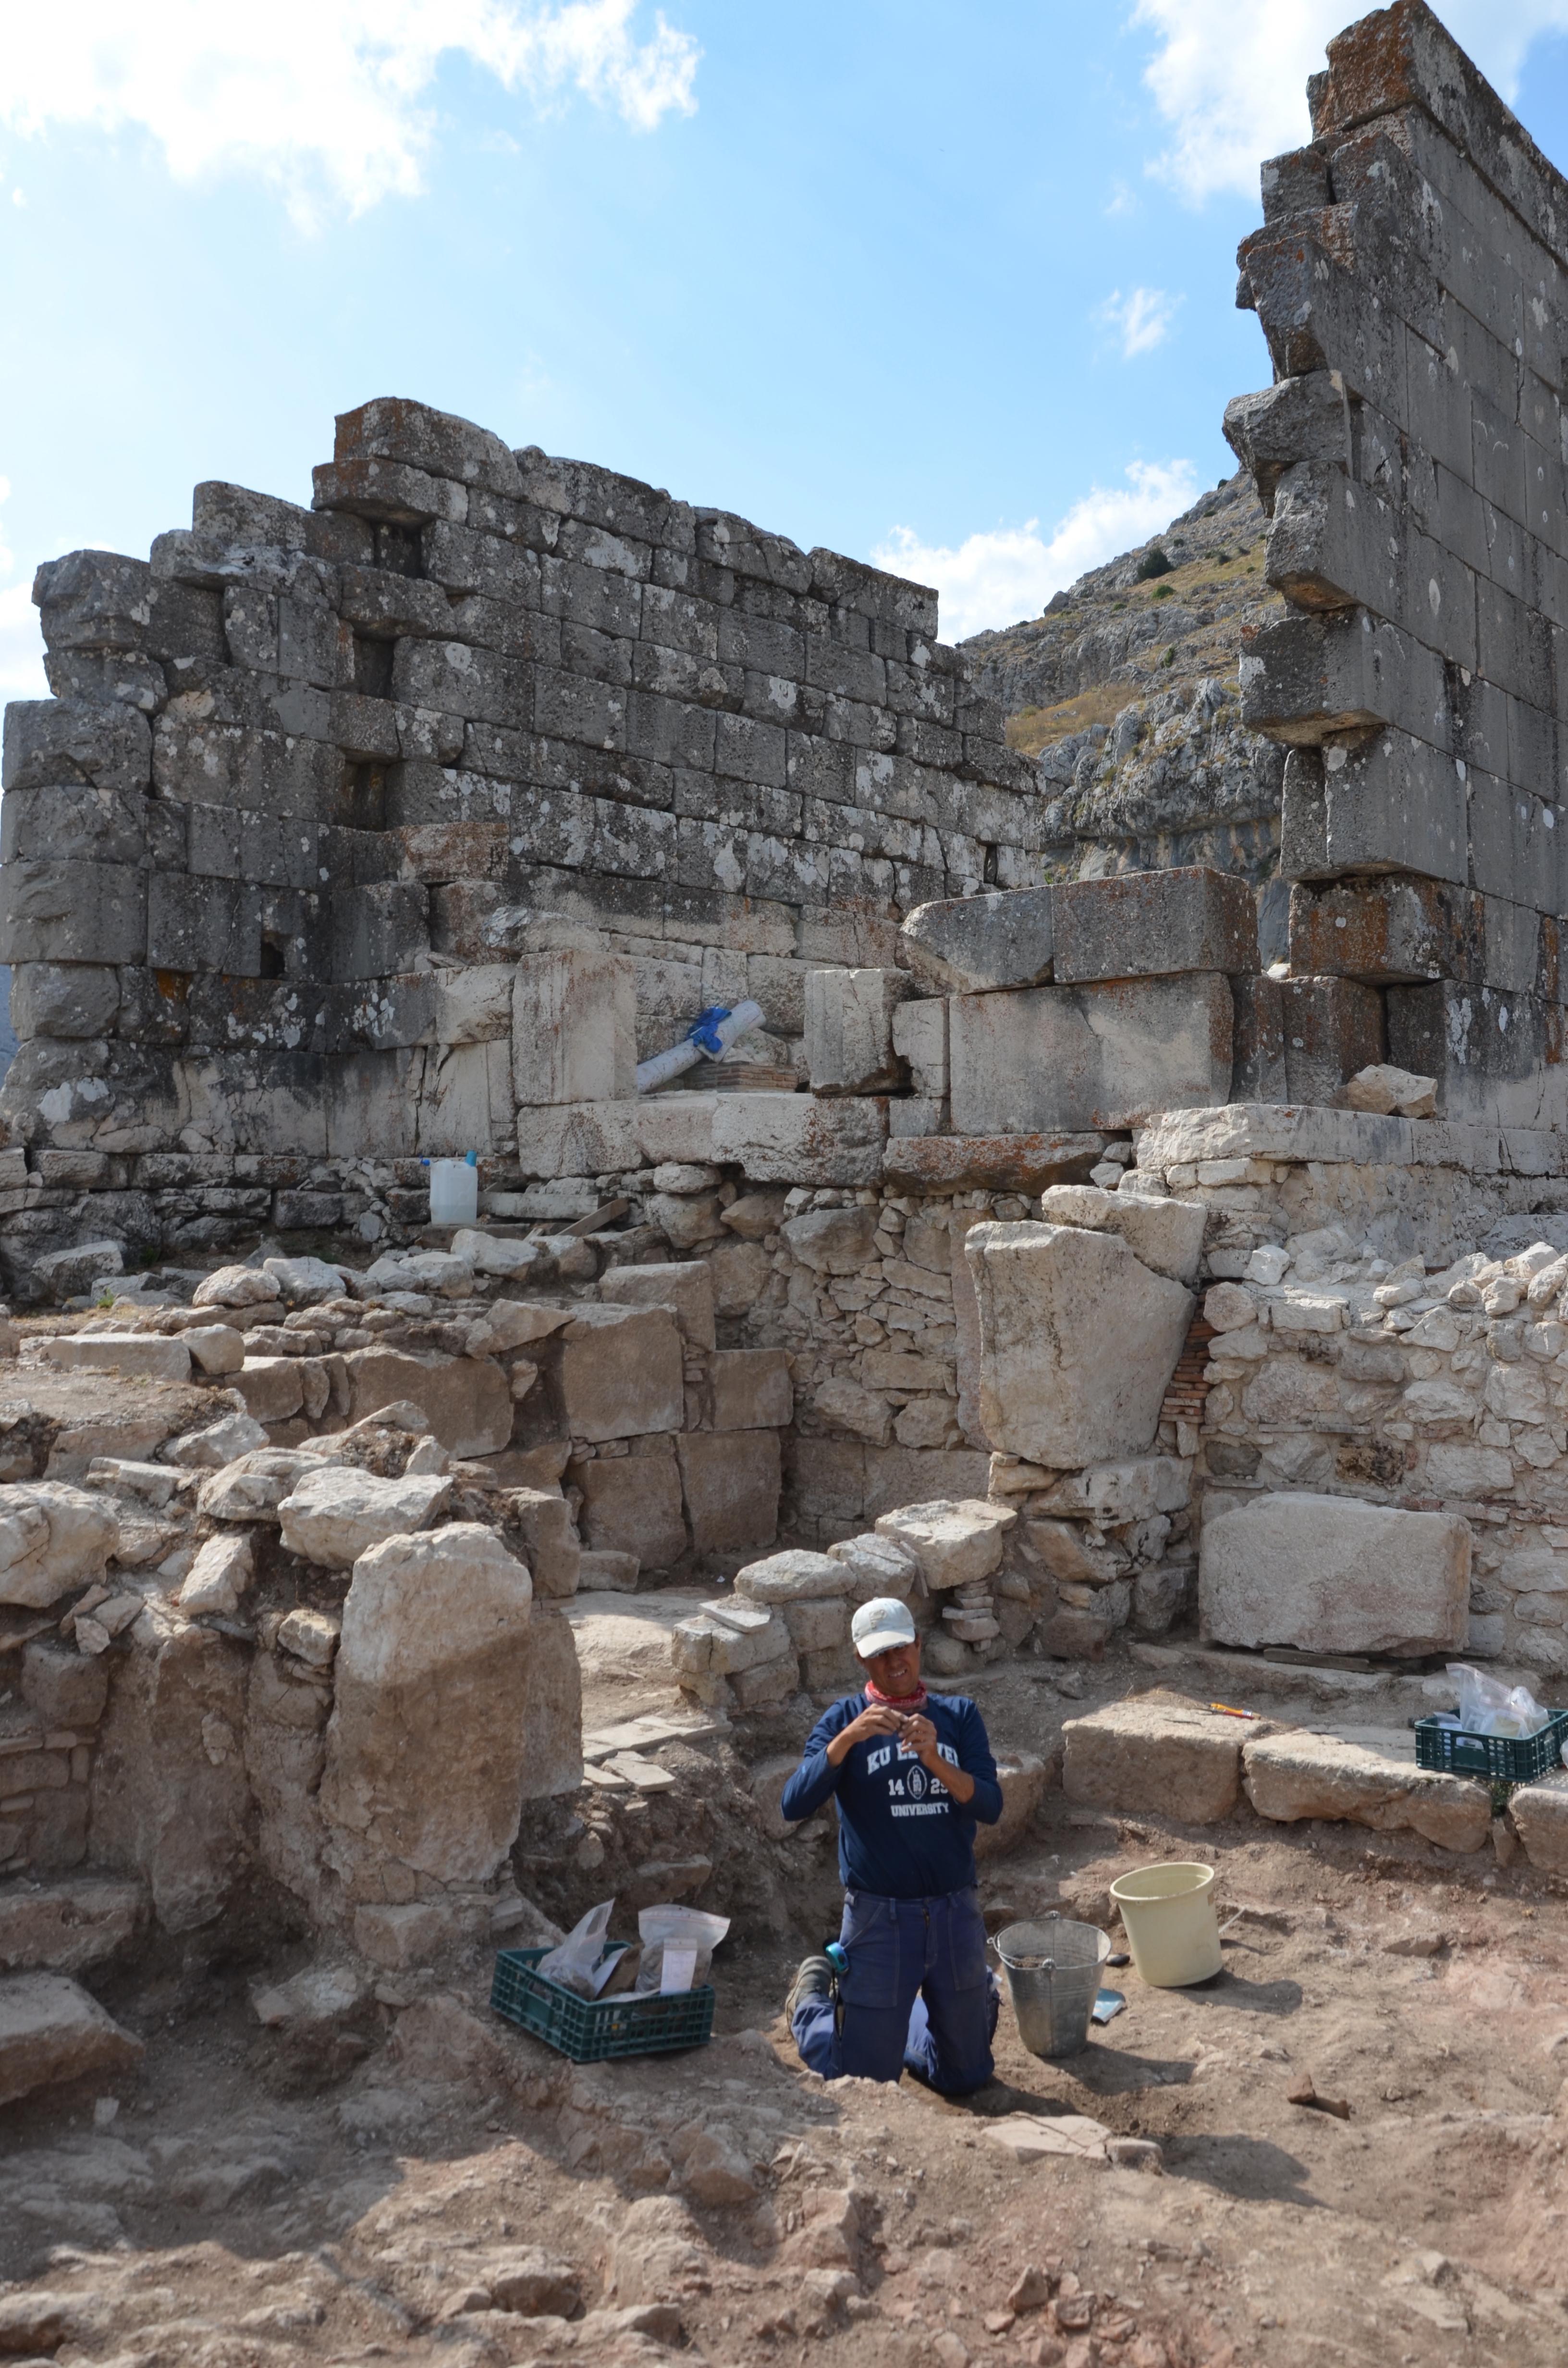 2019 yılında Dor Tapınağın etrafında yapılan kazılar, stratigrafik olarak inşa tarihini sabitlemiştir